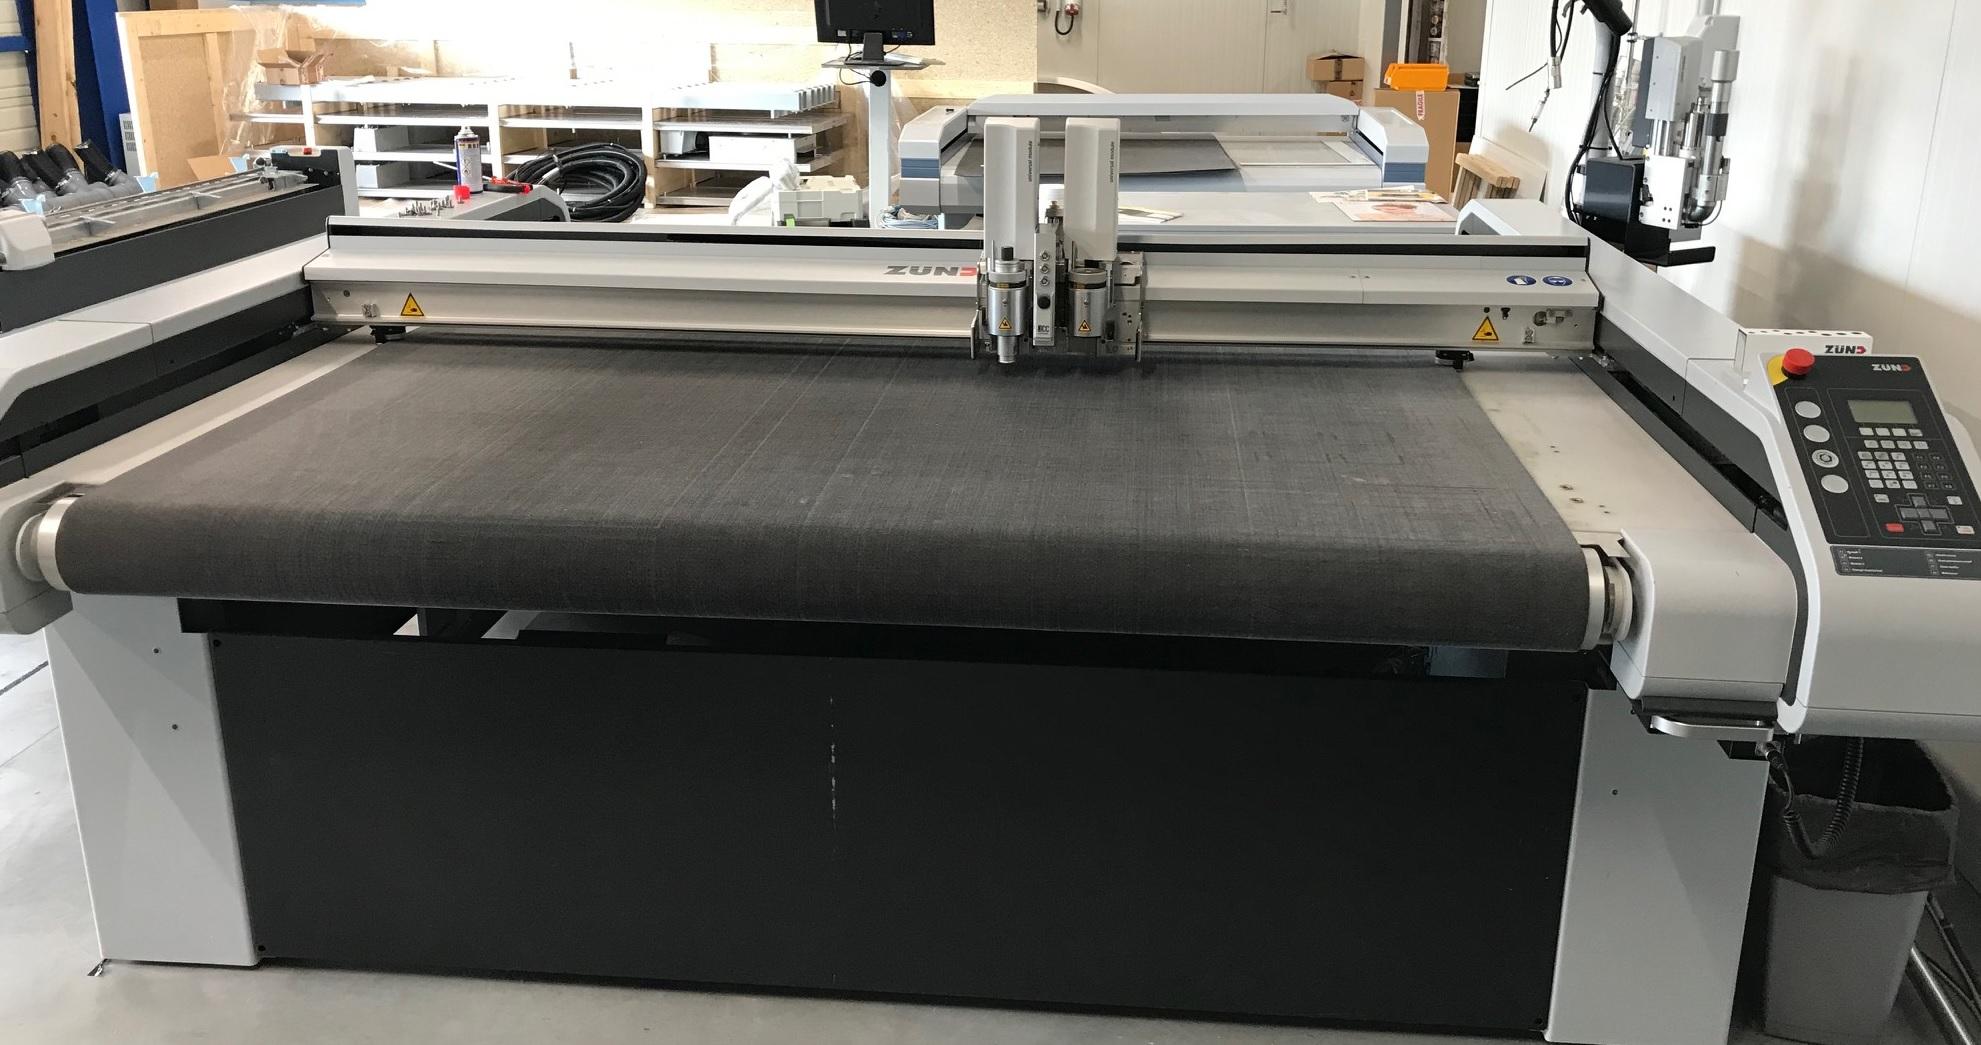 Une table de découpe reconditionnée série S3 L-1600 disponible à la vente